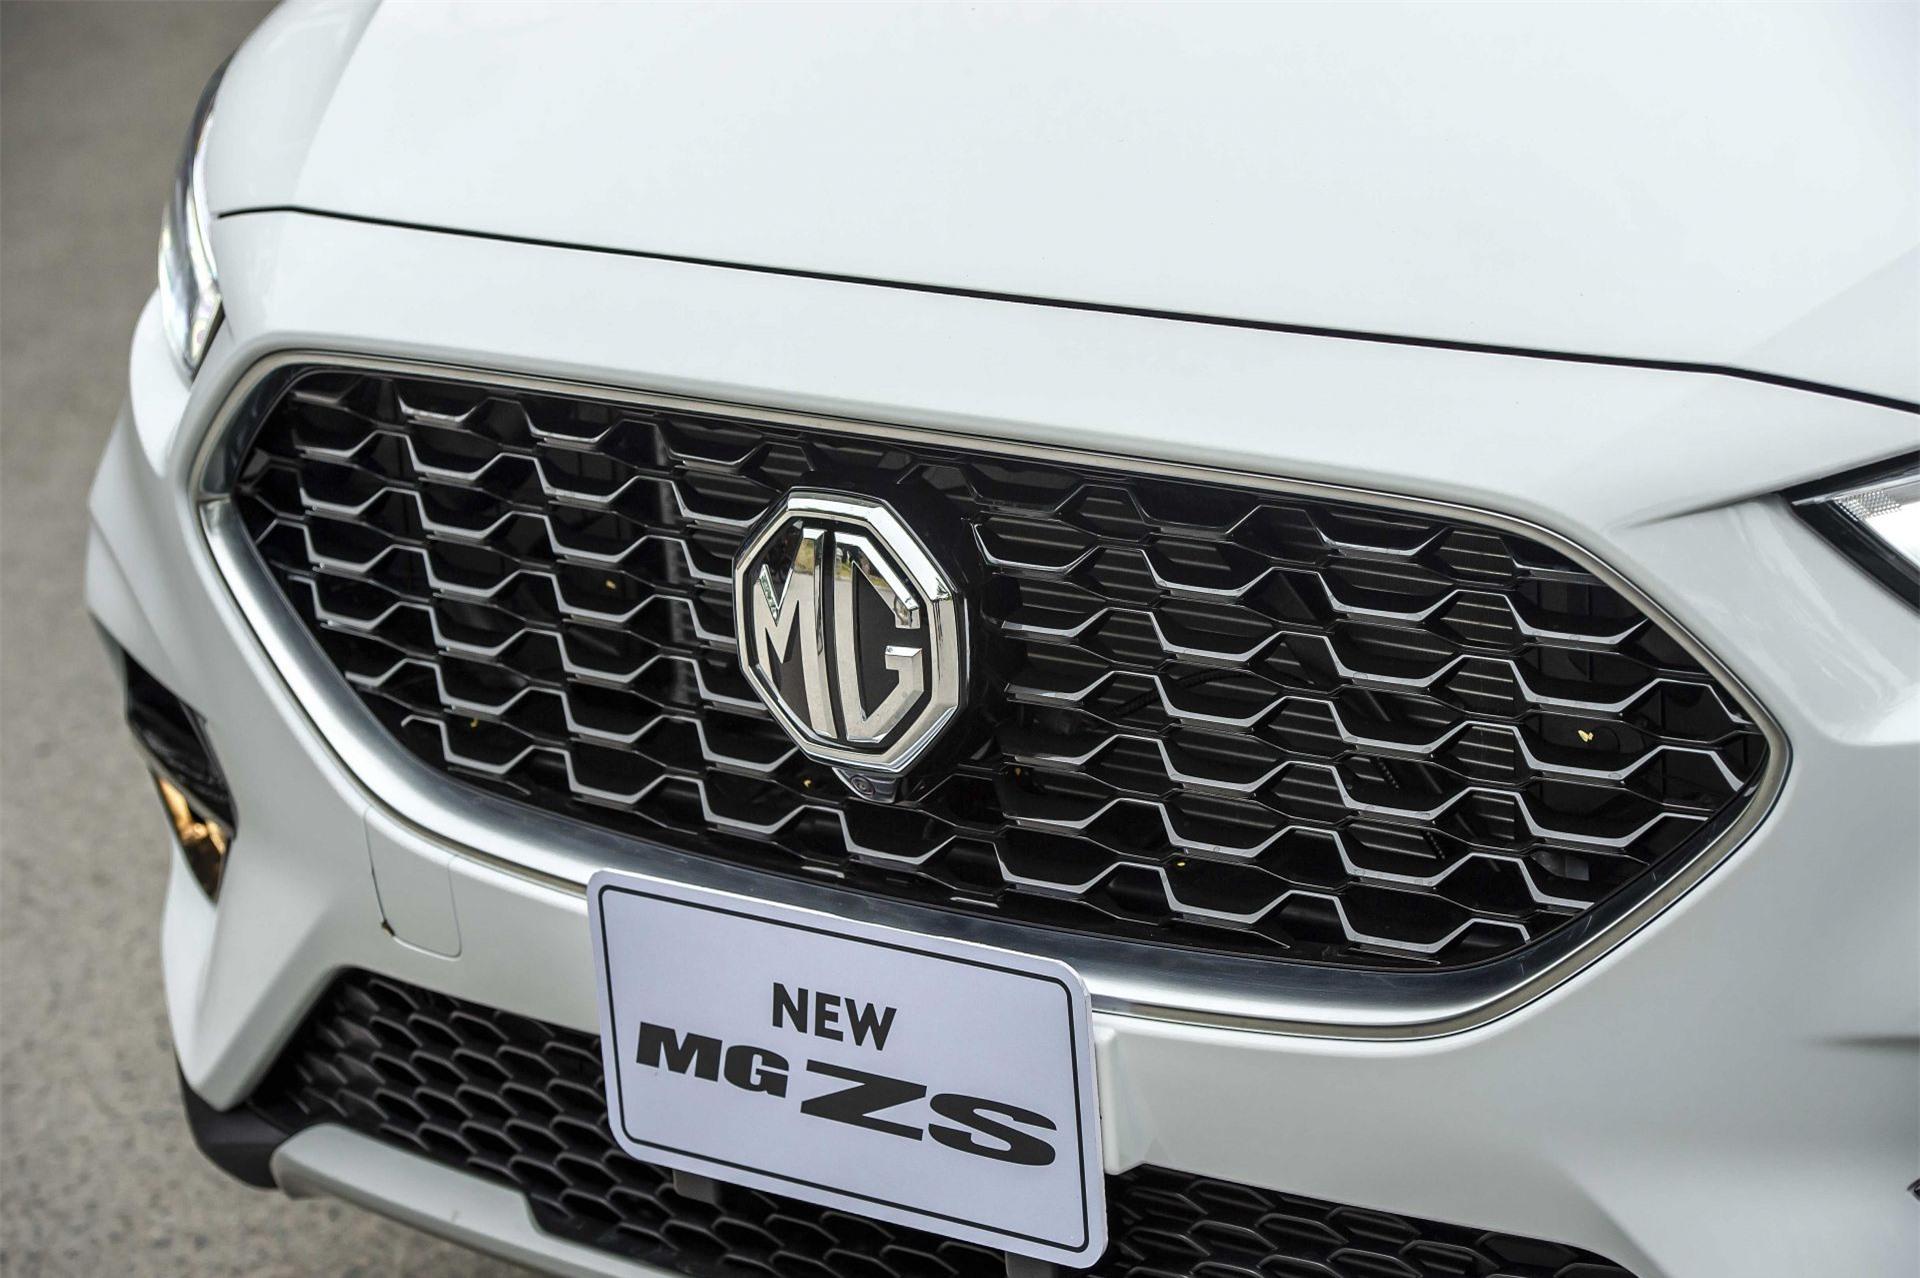 Lưới tản nhiệt mới trên MG ZS 2021